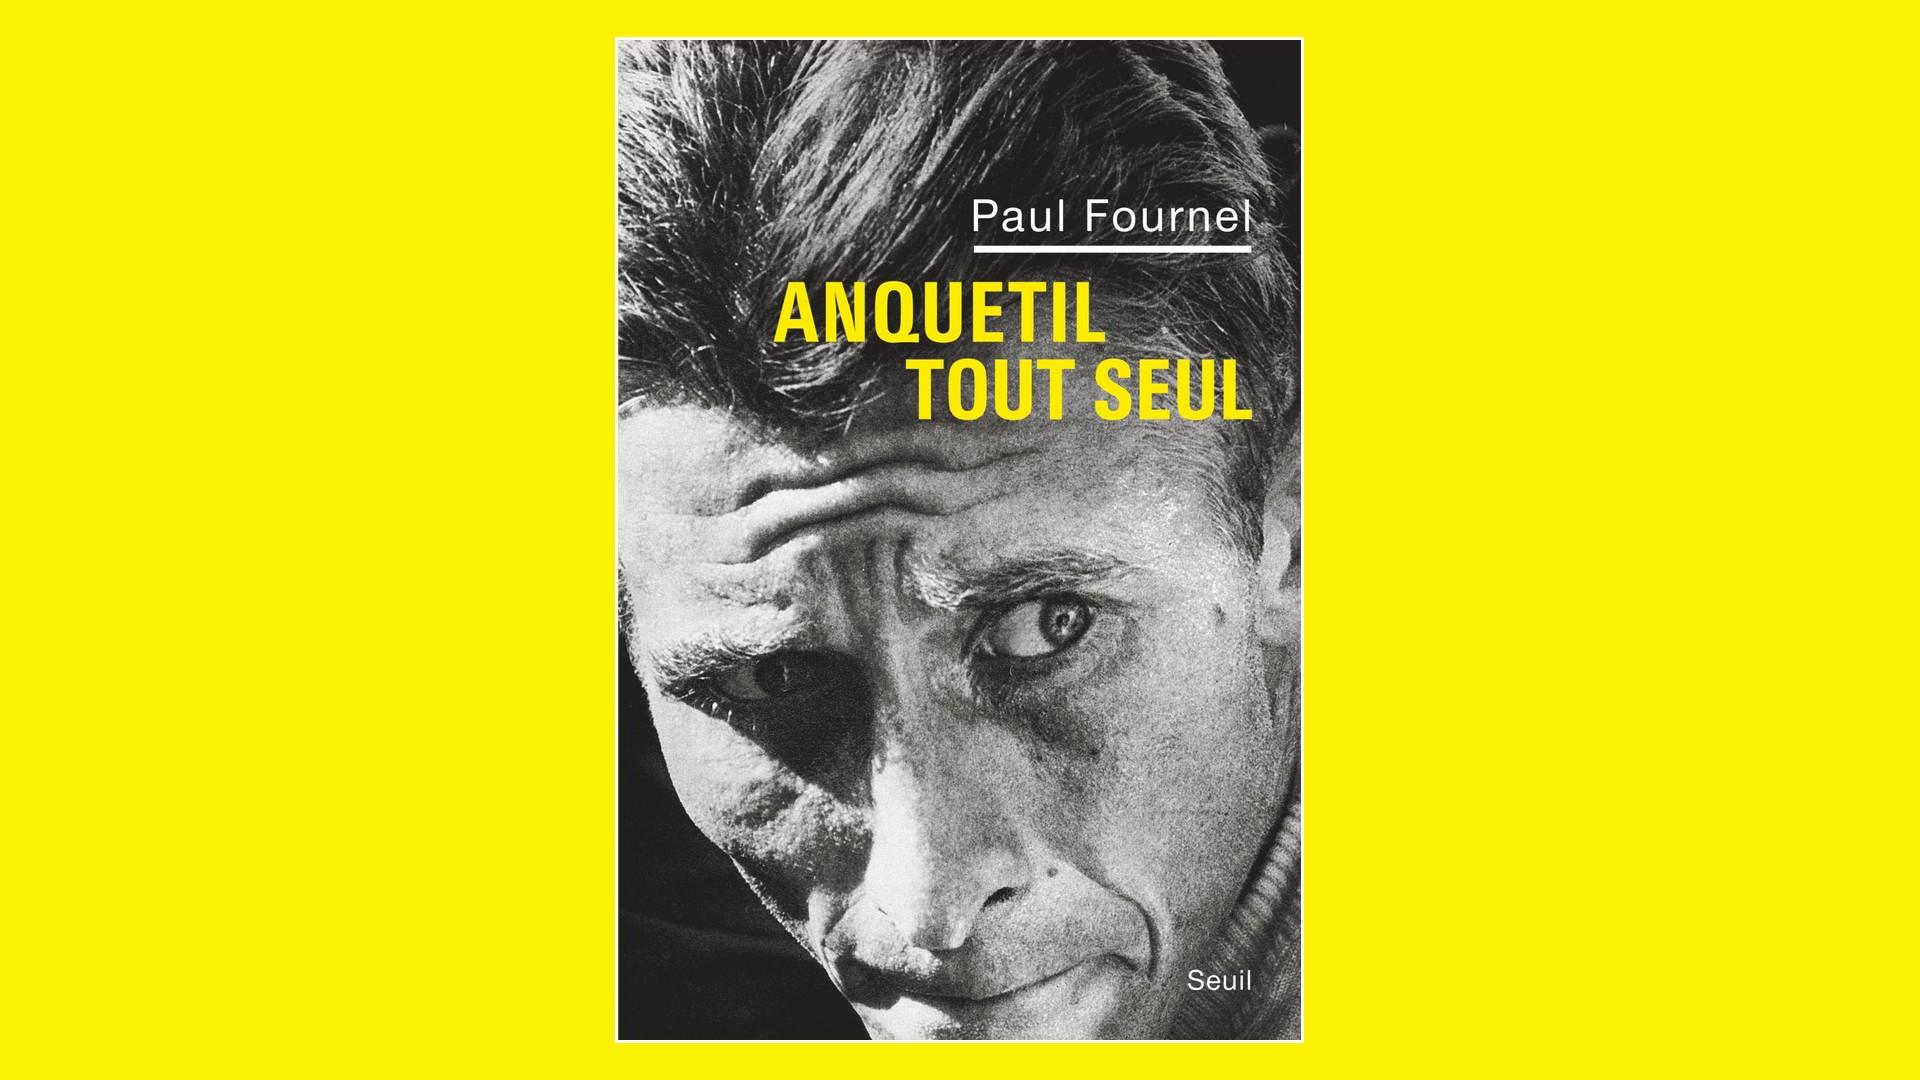 Livres – Anquetil tout seul – Paul Fournel (2013)